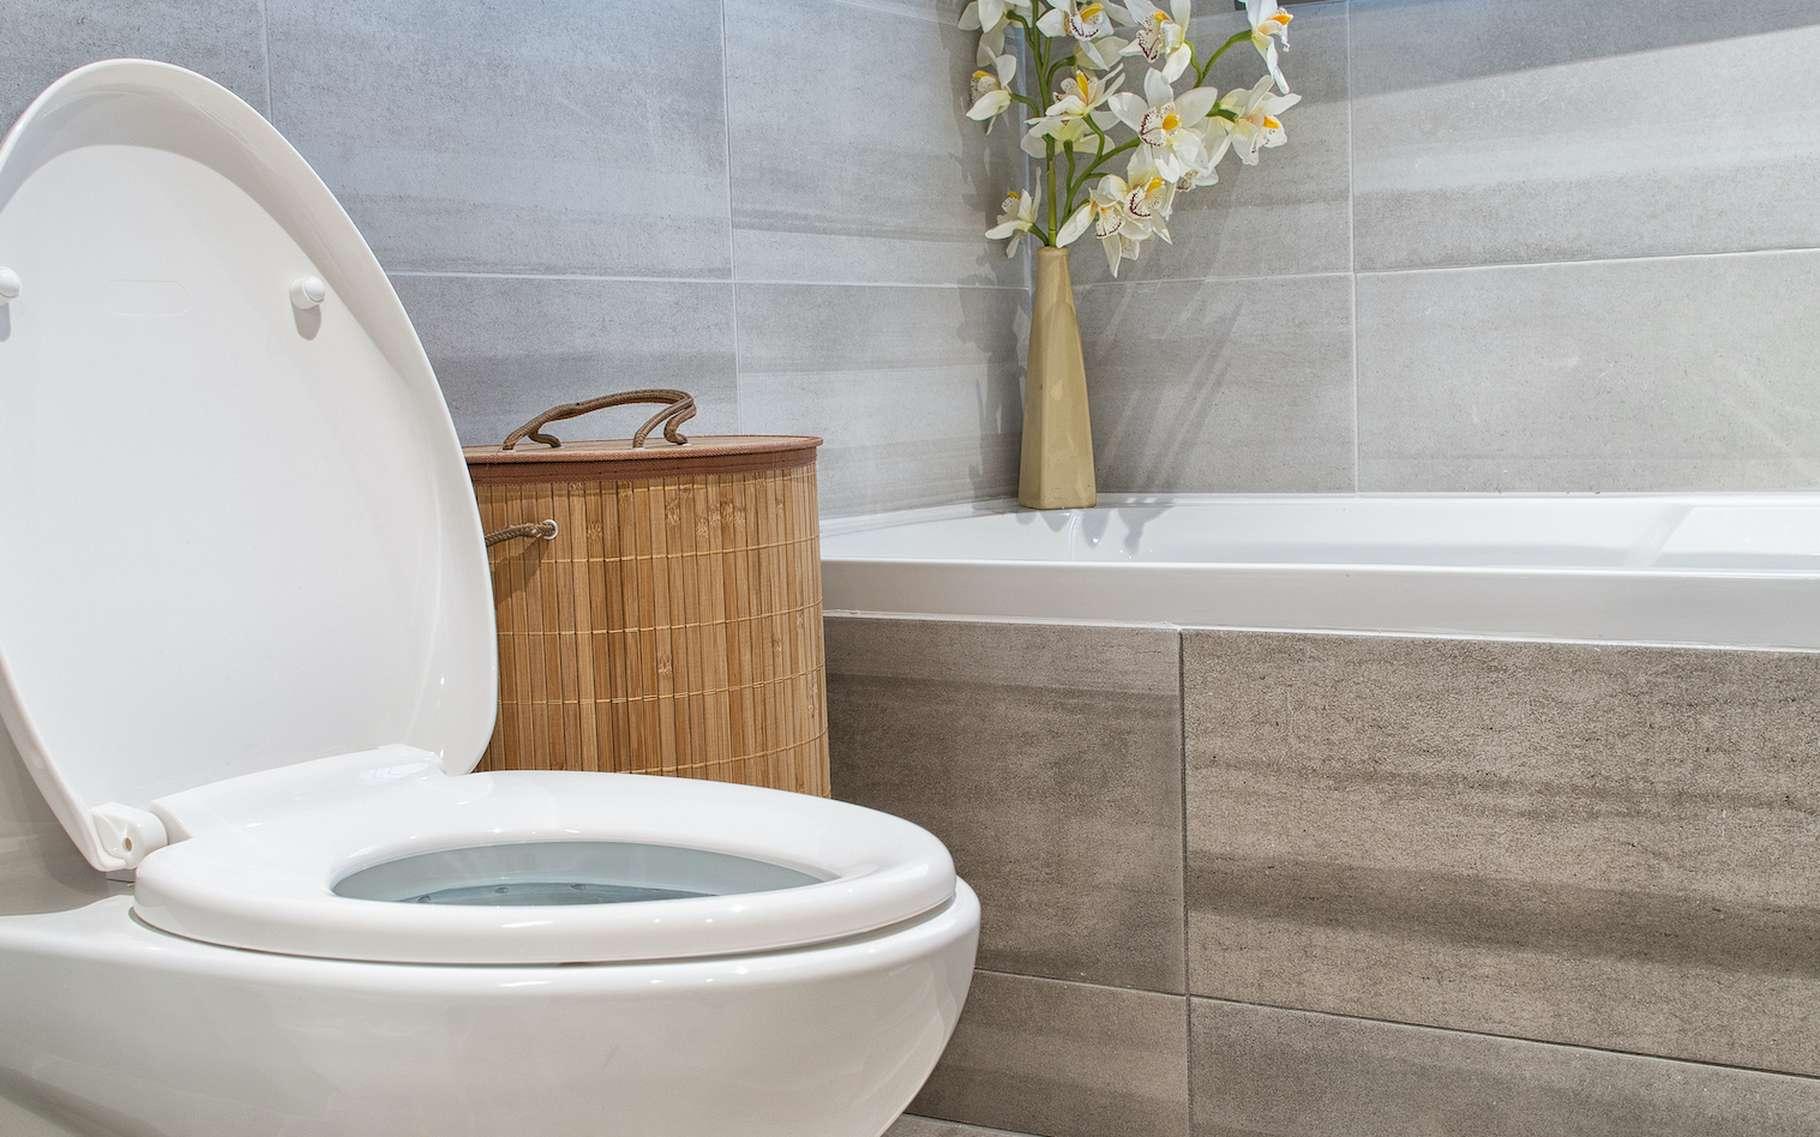 Des chercheurs de l'université de PennState (États-Unis) ont développé un matériau qui réduit drastiquement la quantité d'eau utile à nettoyer les toilettes. © DD Images, Adobe Stock